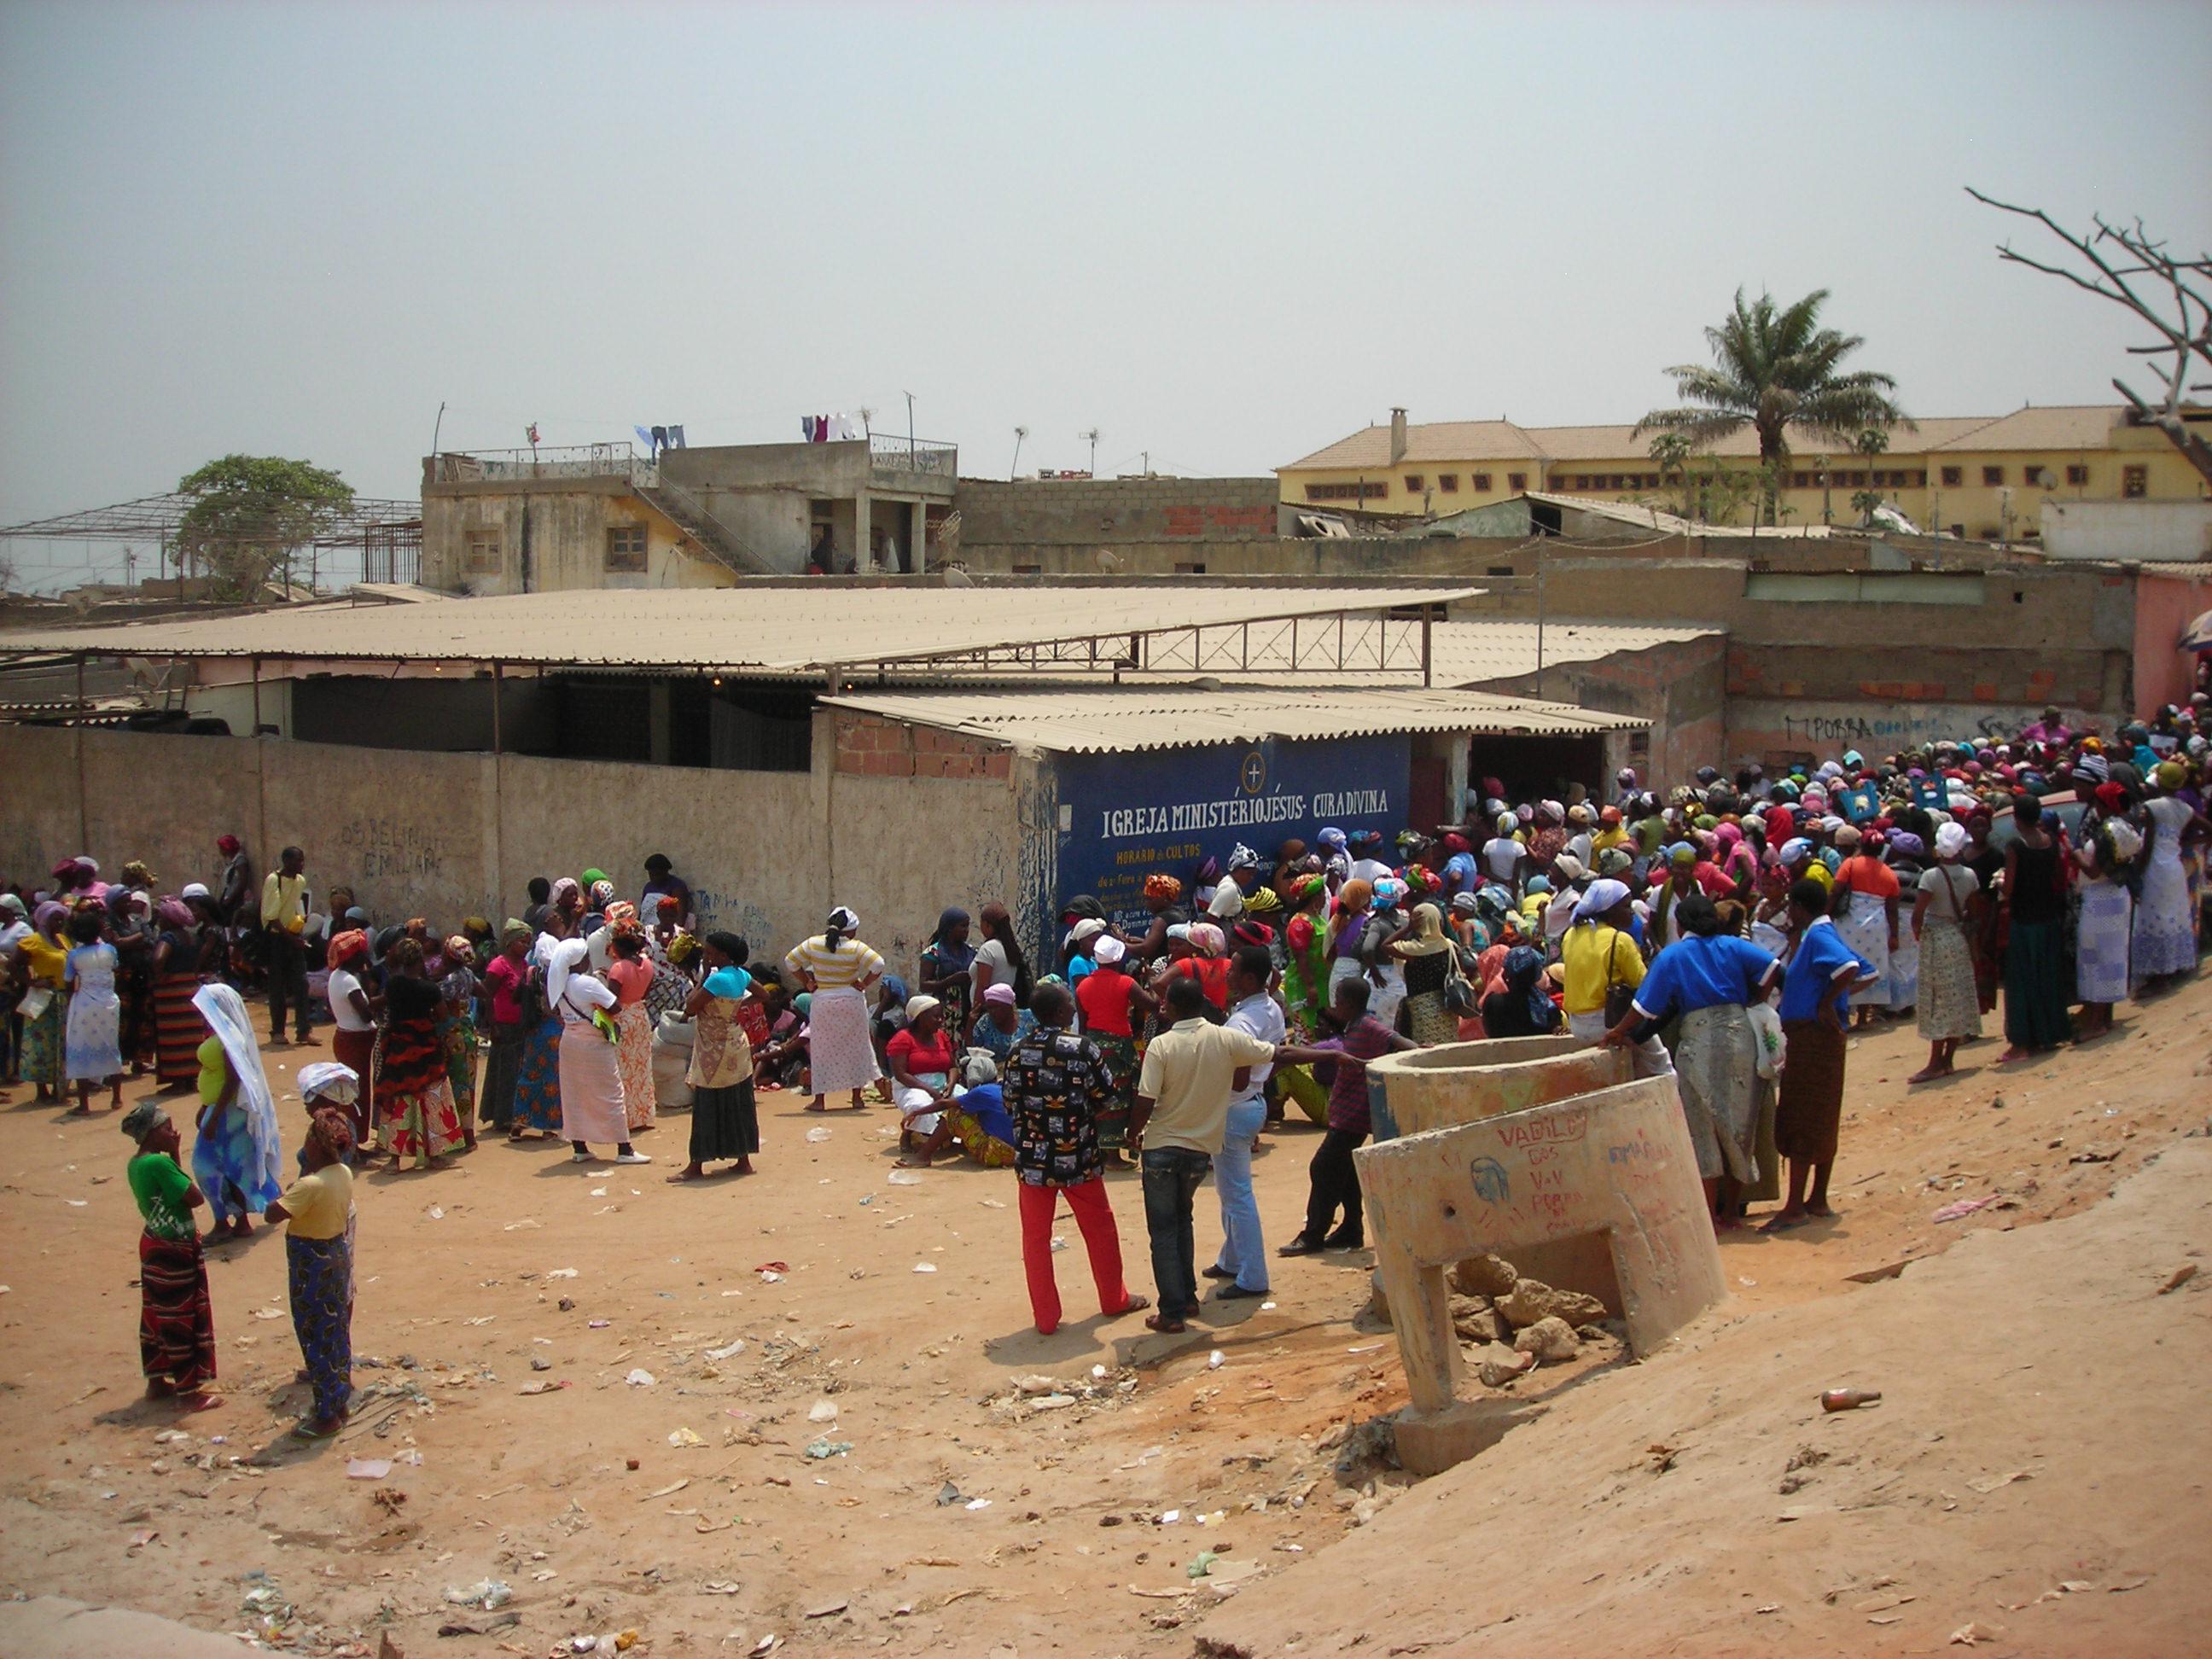 Luanda Vorstadt Almosenstelle